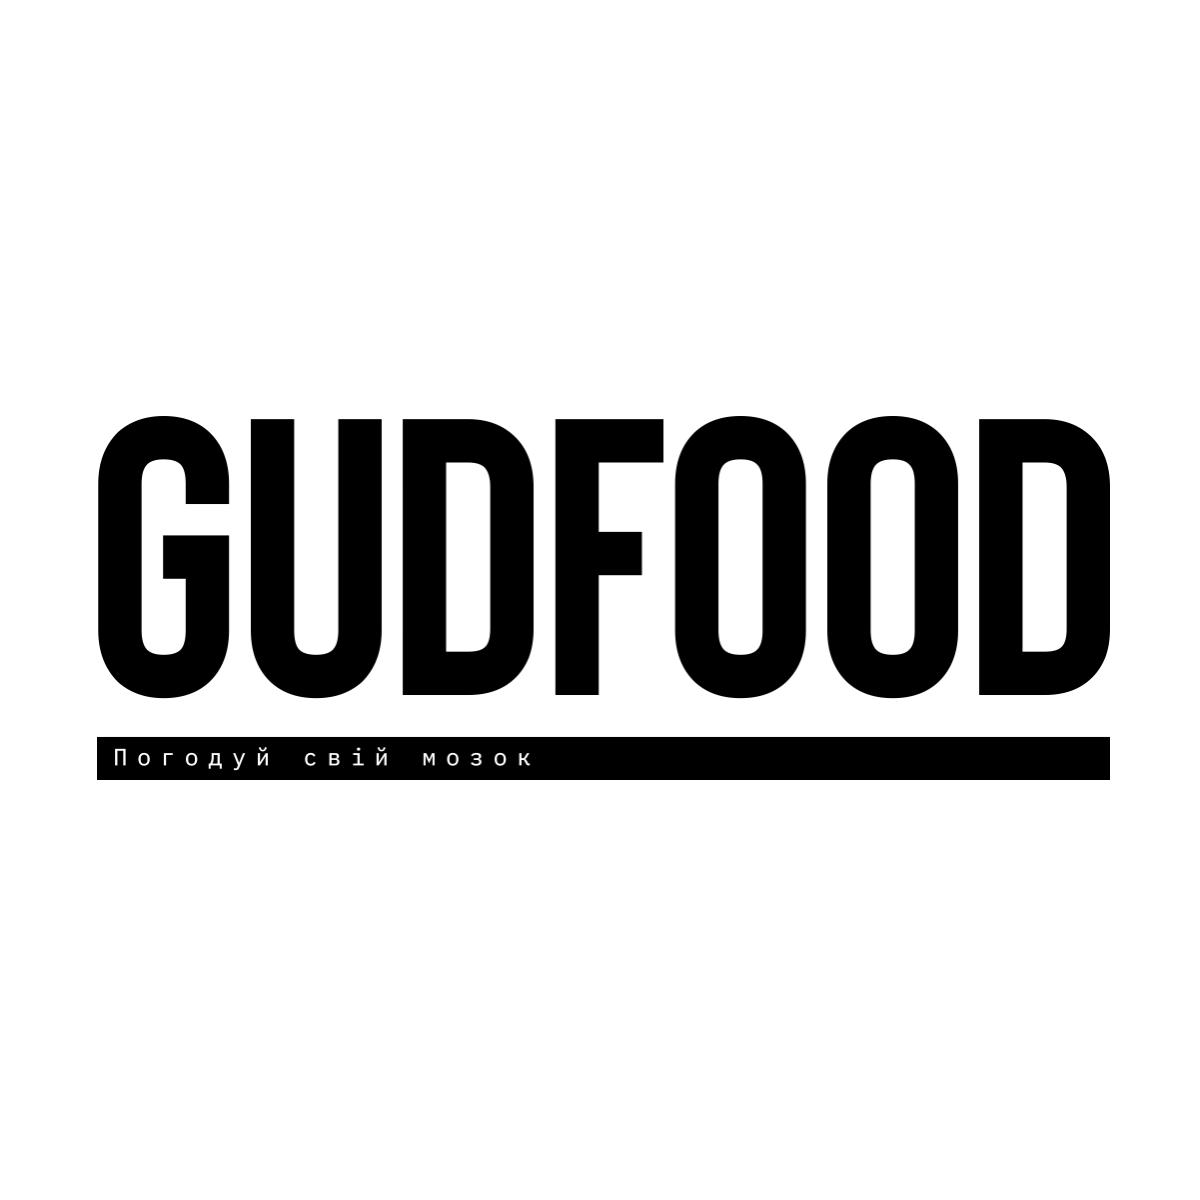 Gudfood